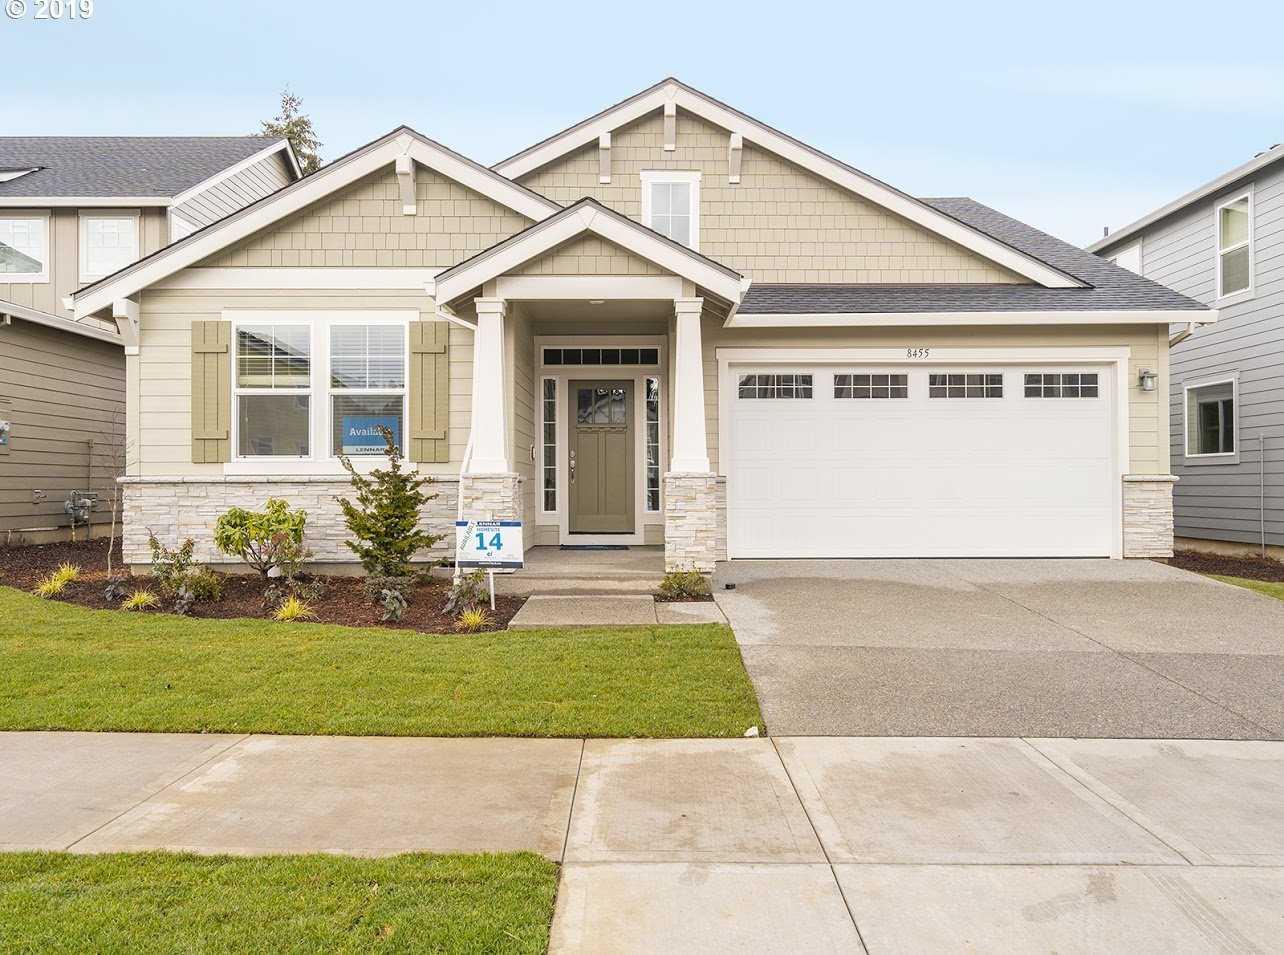 $521,900 - 3Br/2Ba -  for Sale in Butternut Creek, Hillsboro